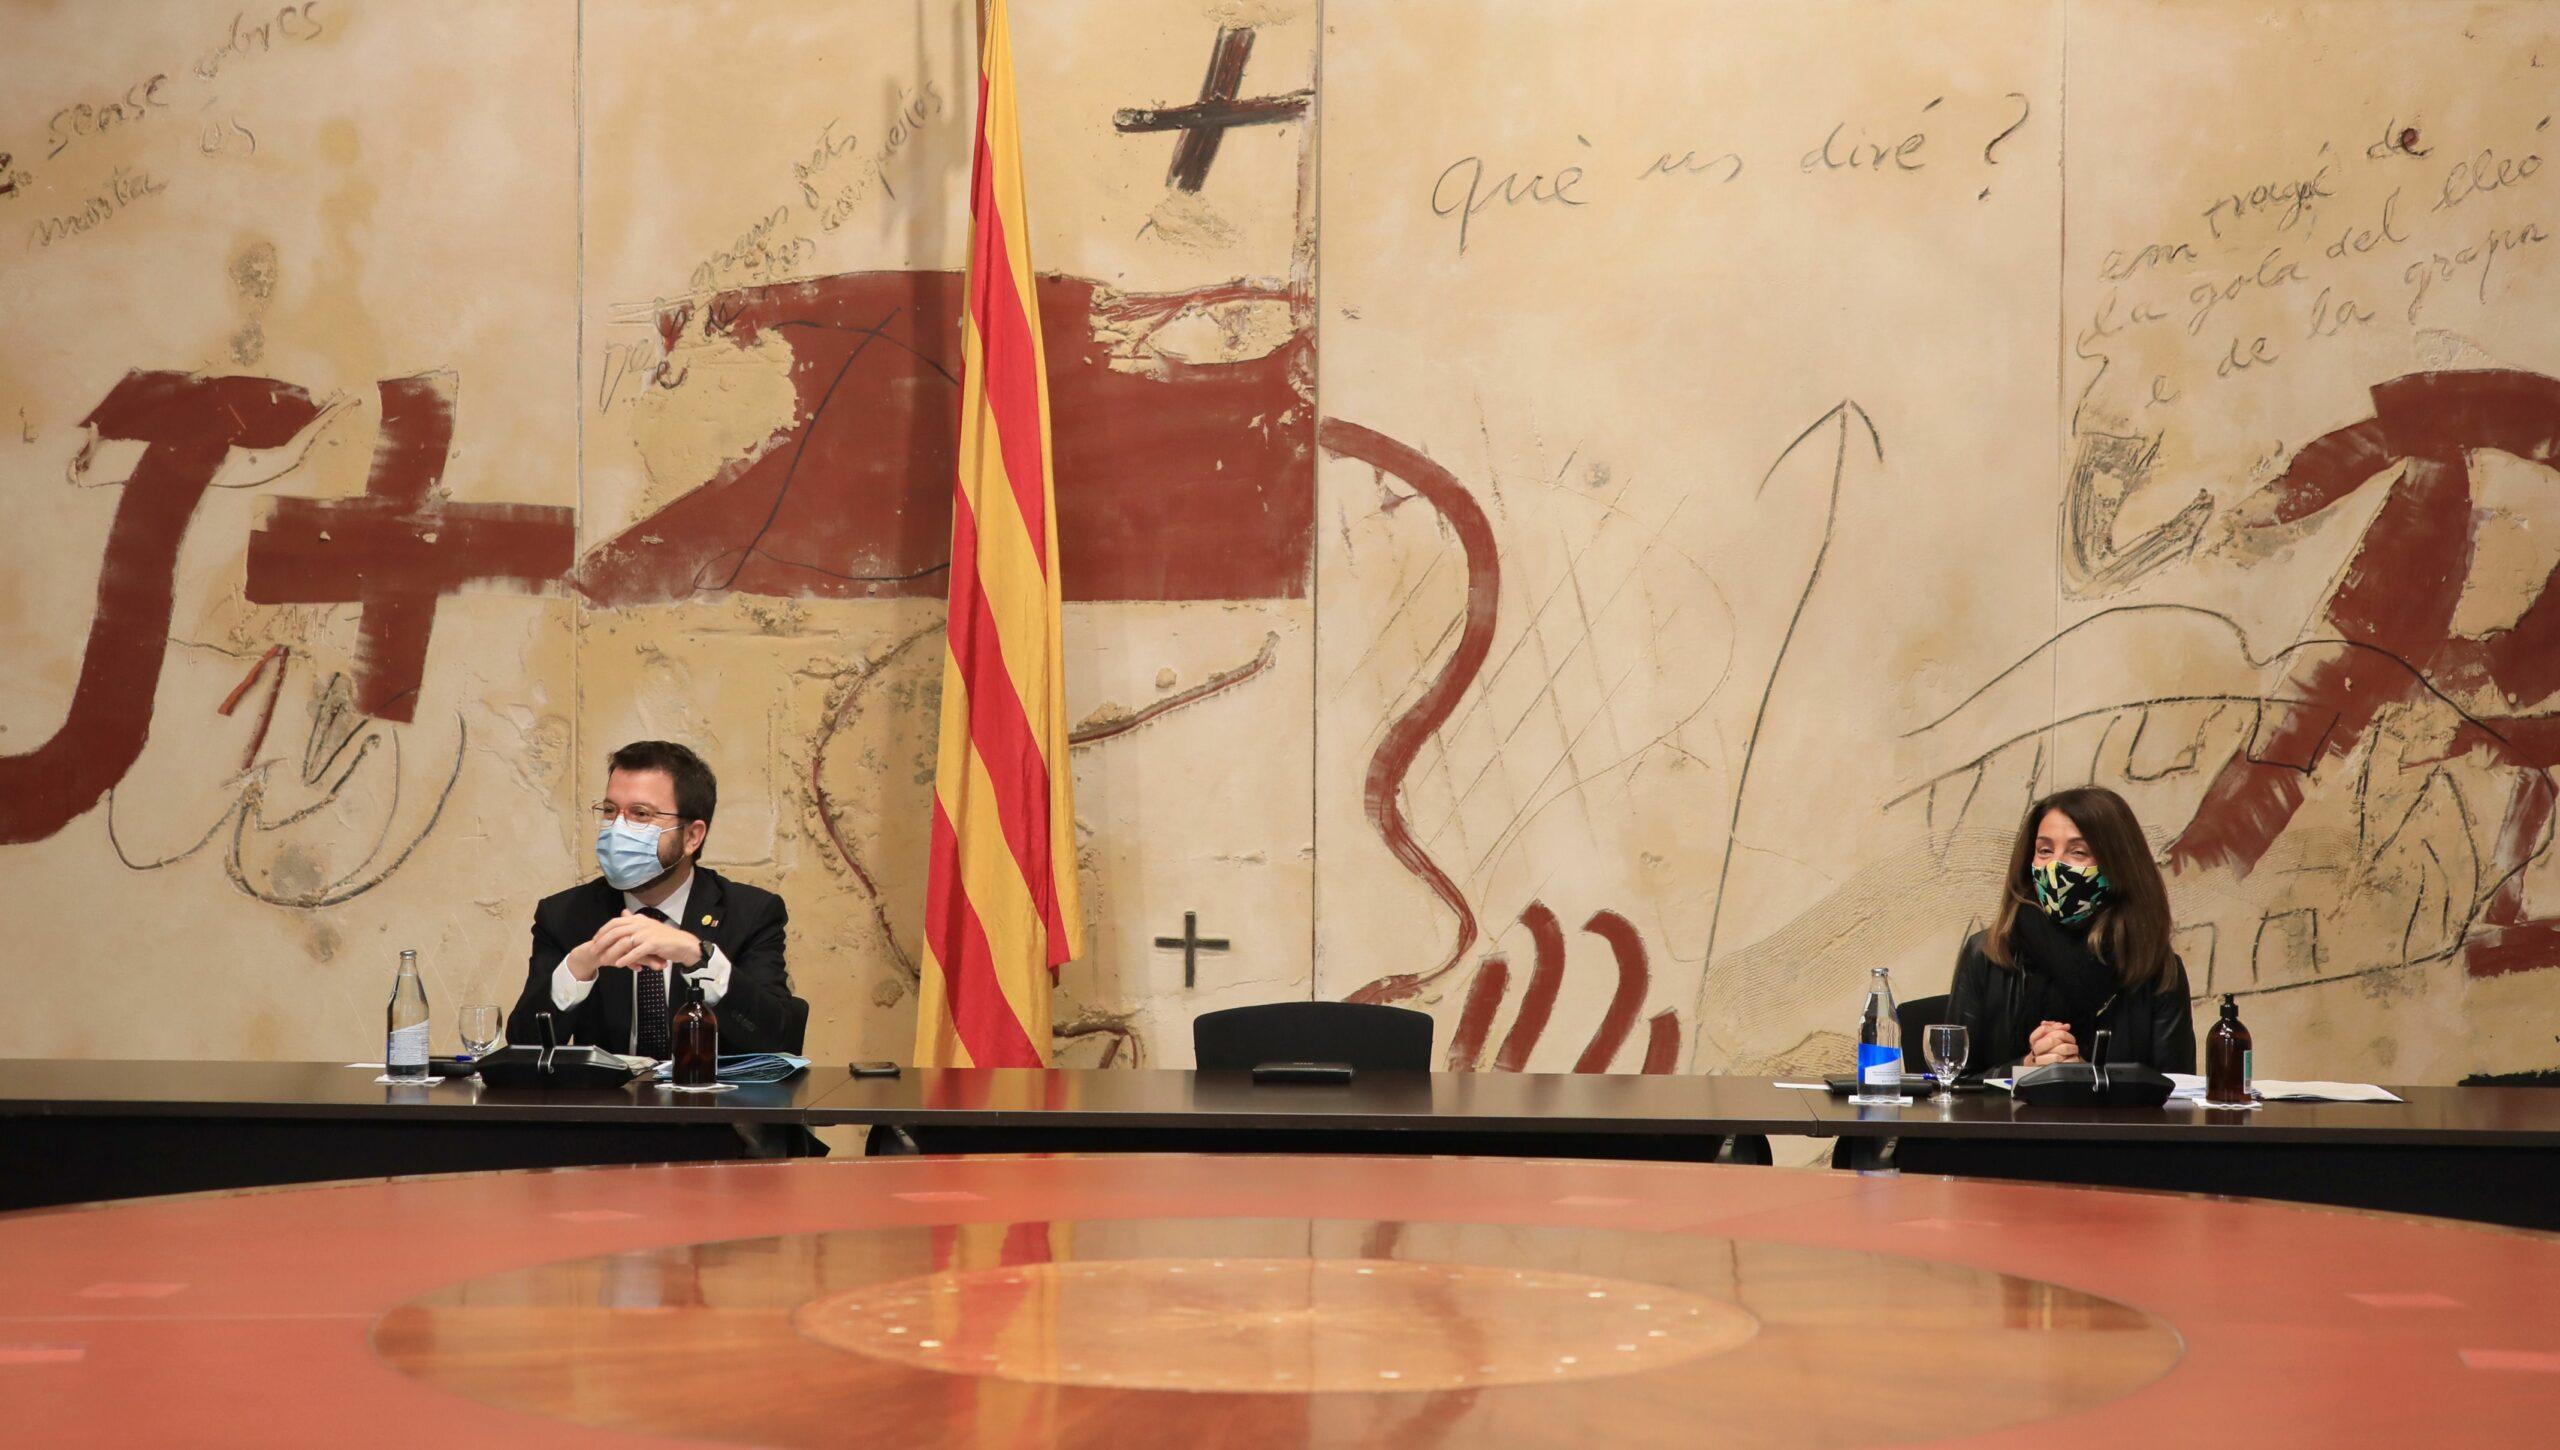 El vicepresident amb funcions de president, Pere Aragonès, i la consellera Meritxell Budó, durant la reunió del Consell Executiu del Govern